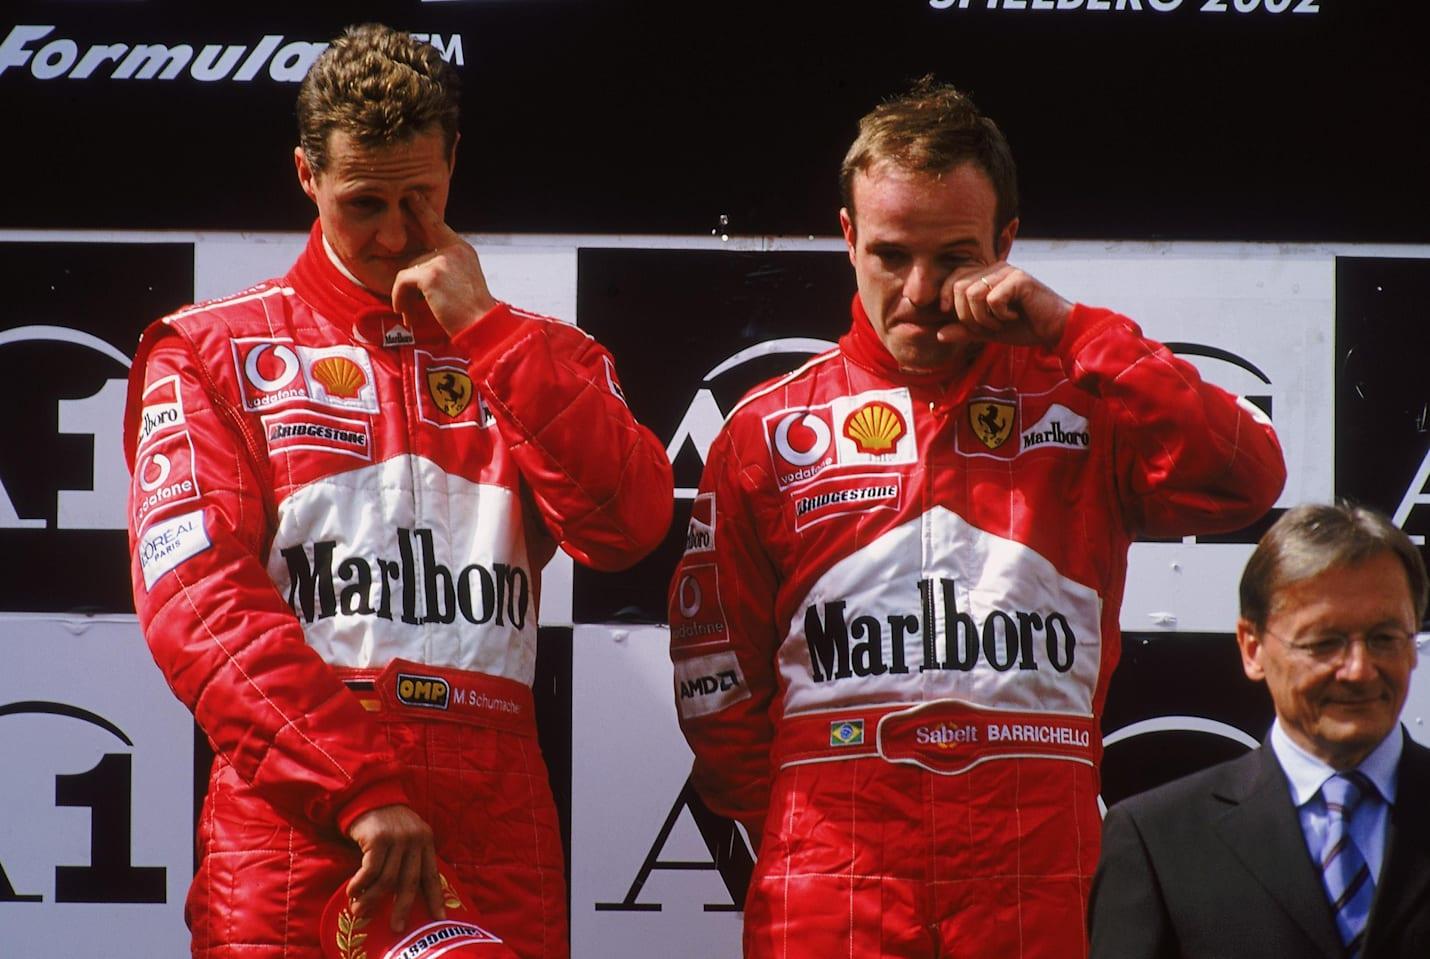 Les pilotes Michael Schumacher et Rubens Barrichello au Grand Prix d'Autriche de Formule 1 2002.